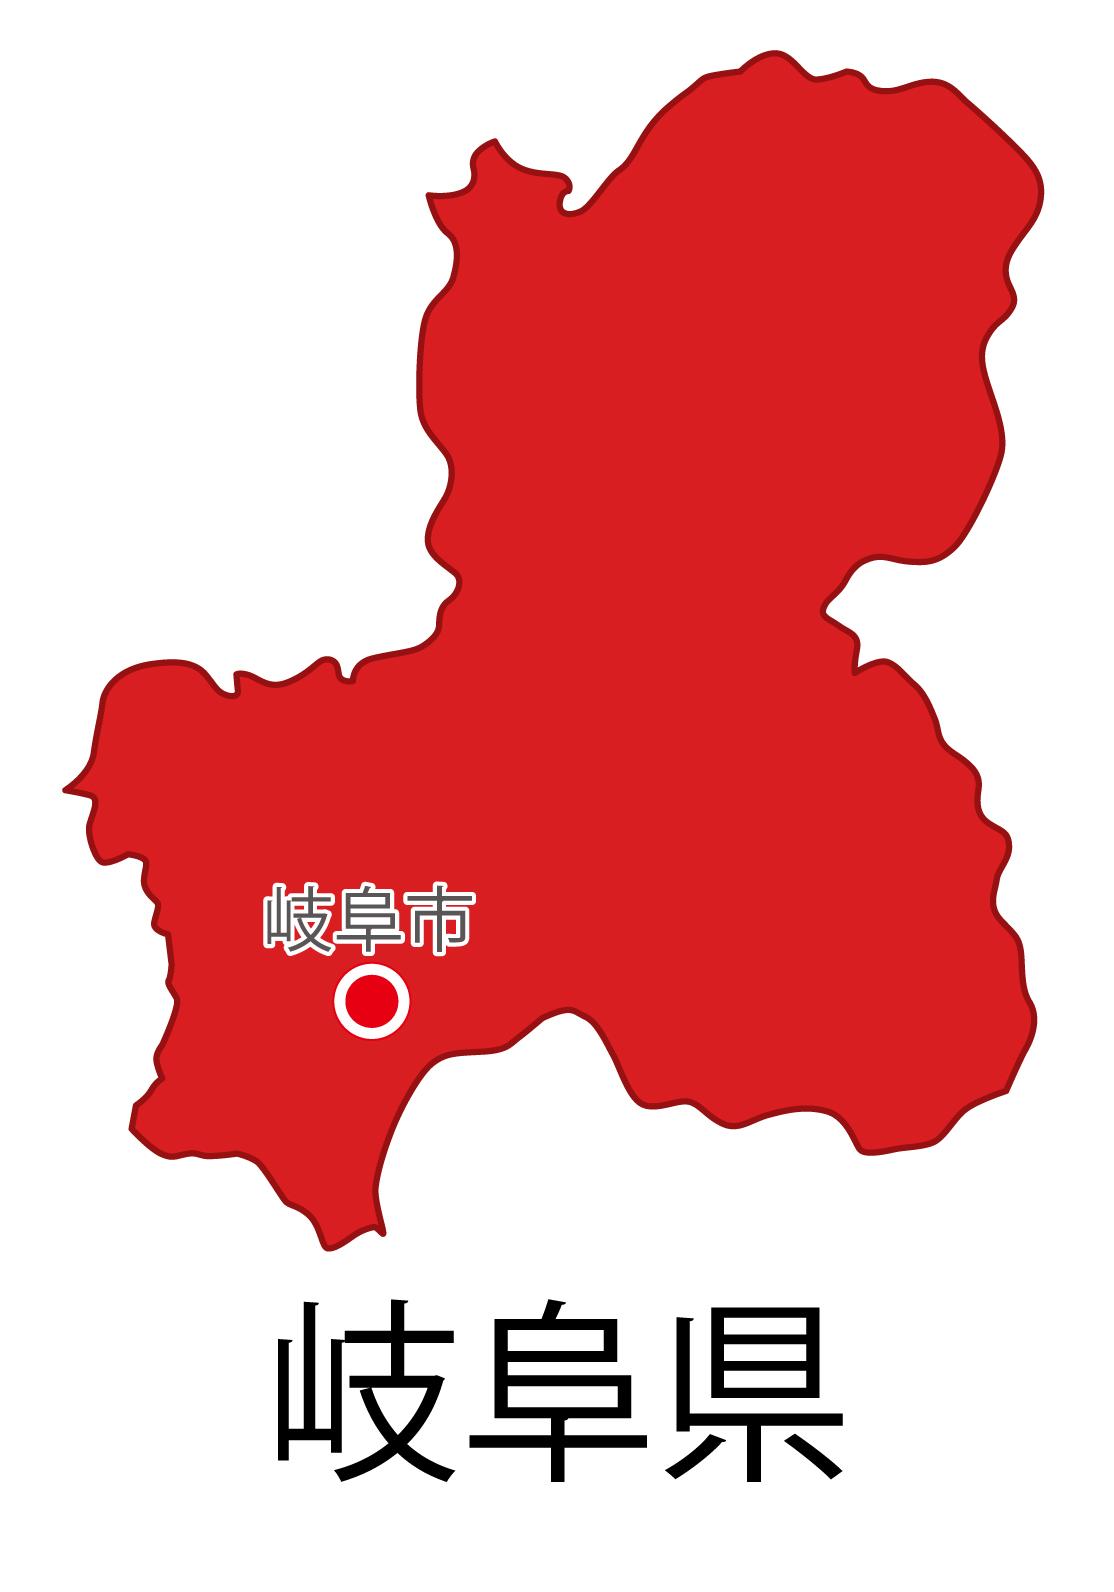 岐阜県無料フリーイラスト|日本語・都道府県名あり・県庁所在地あり(赤)